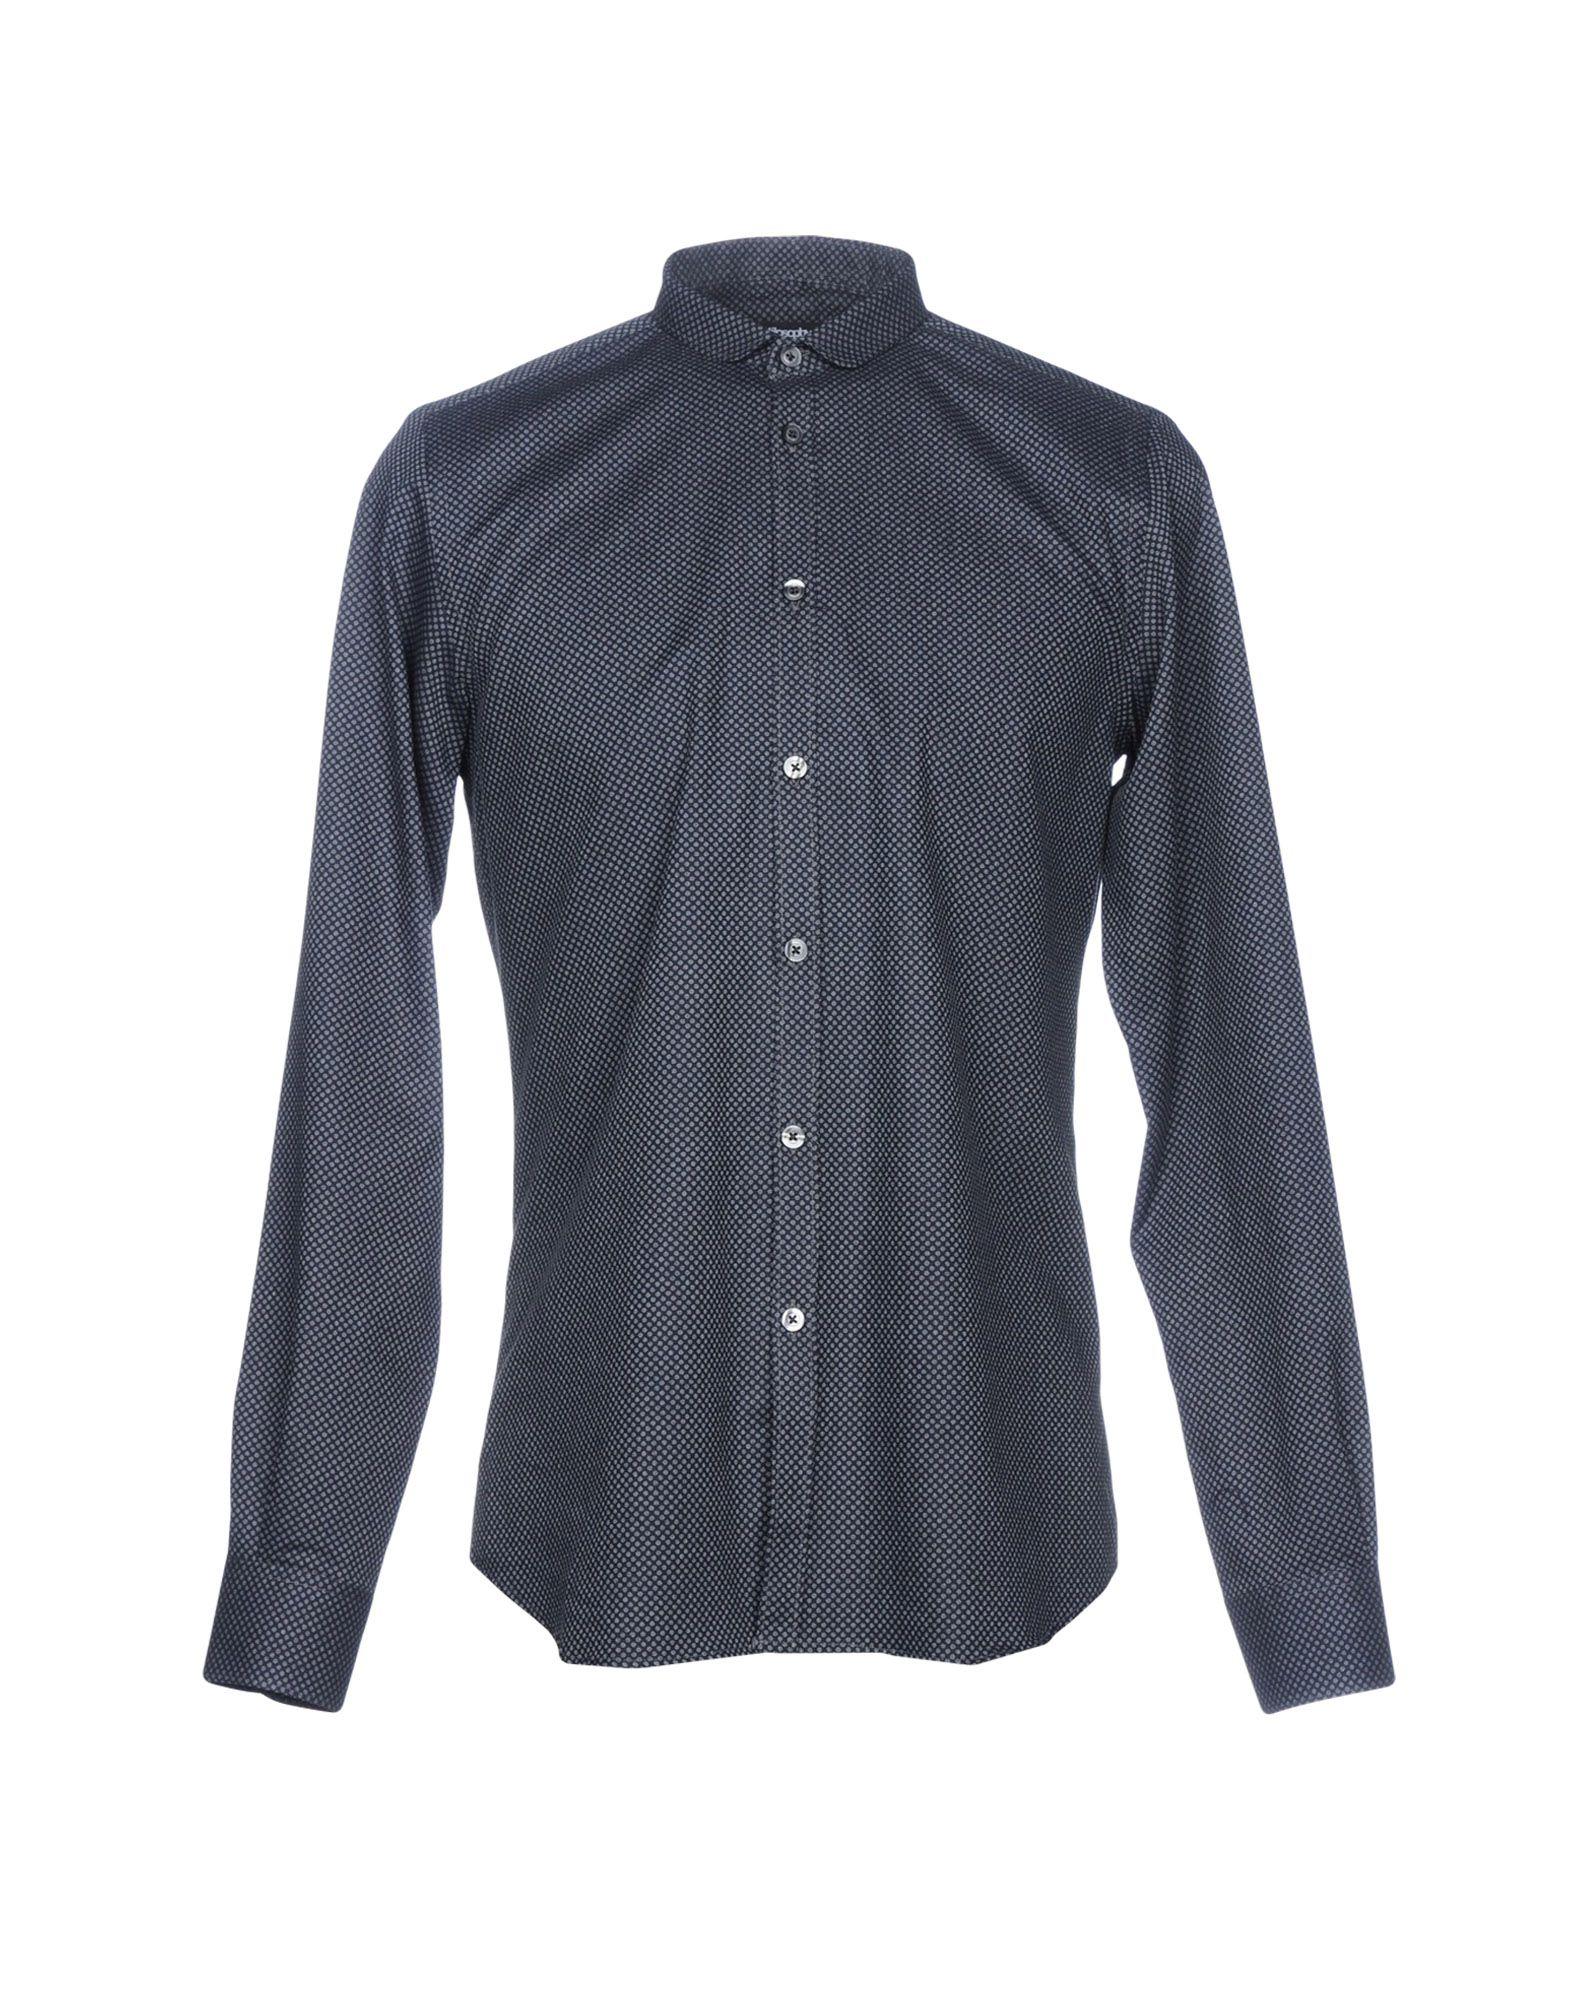 《送料無料》STILOSOPHY INDUSTRY メンズ シャツ ブラック S コットン 100%